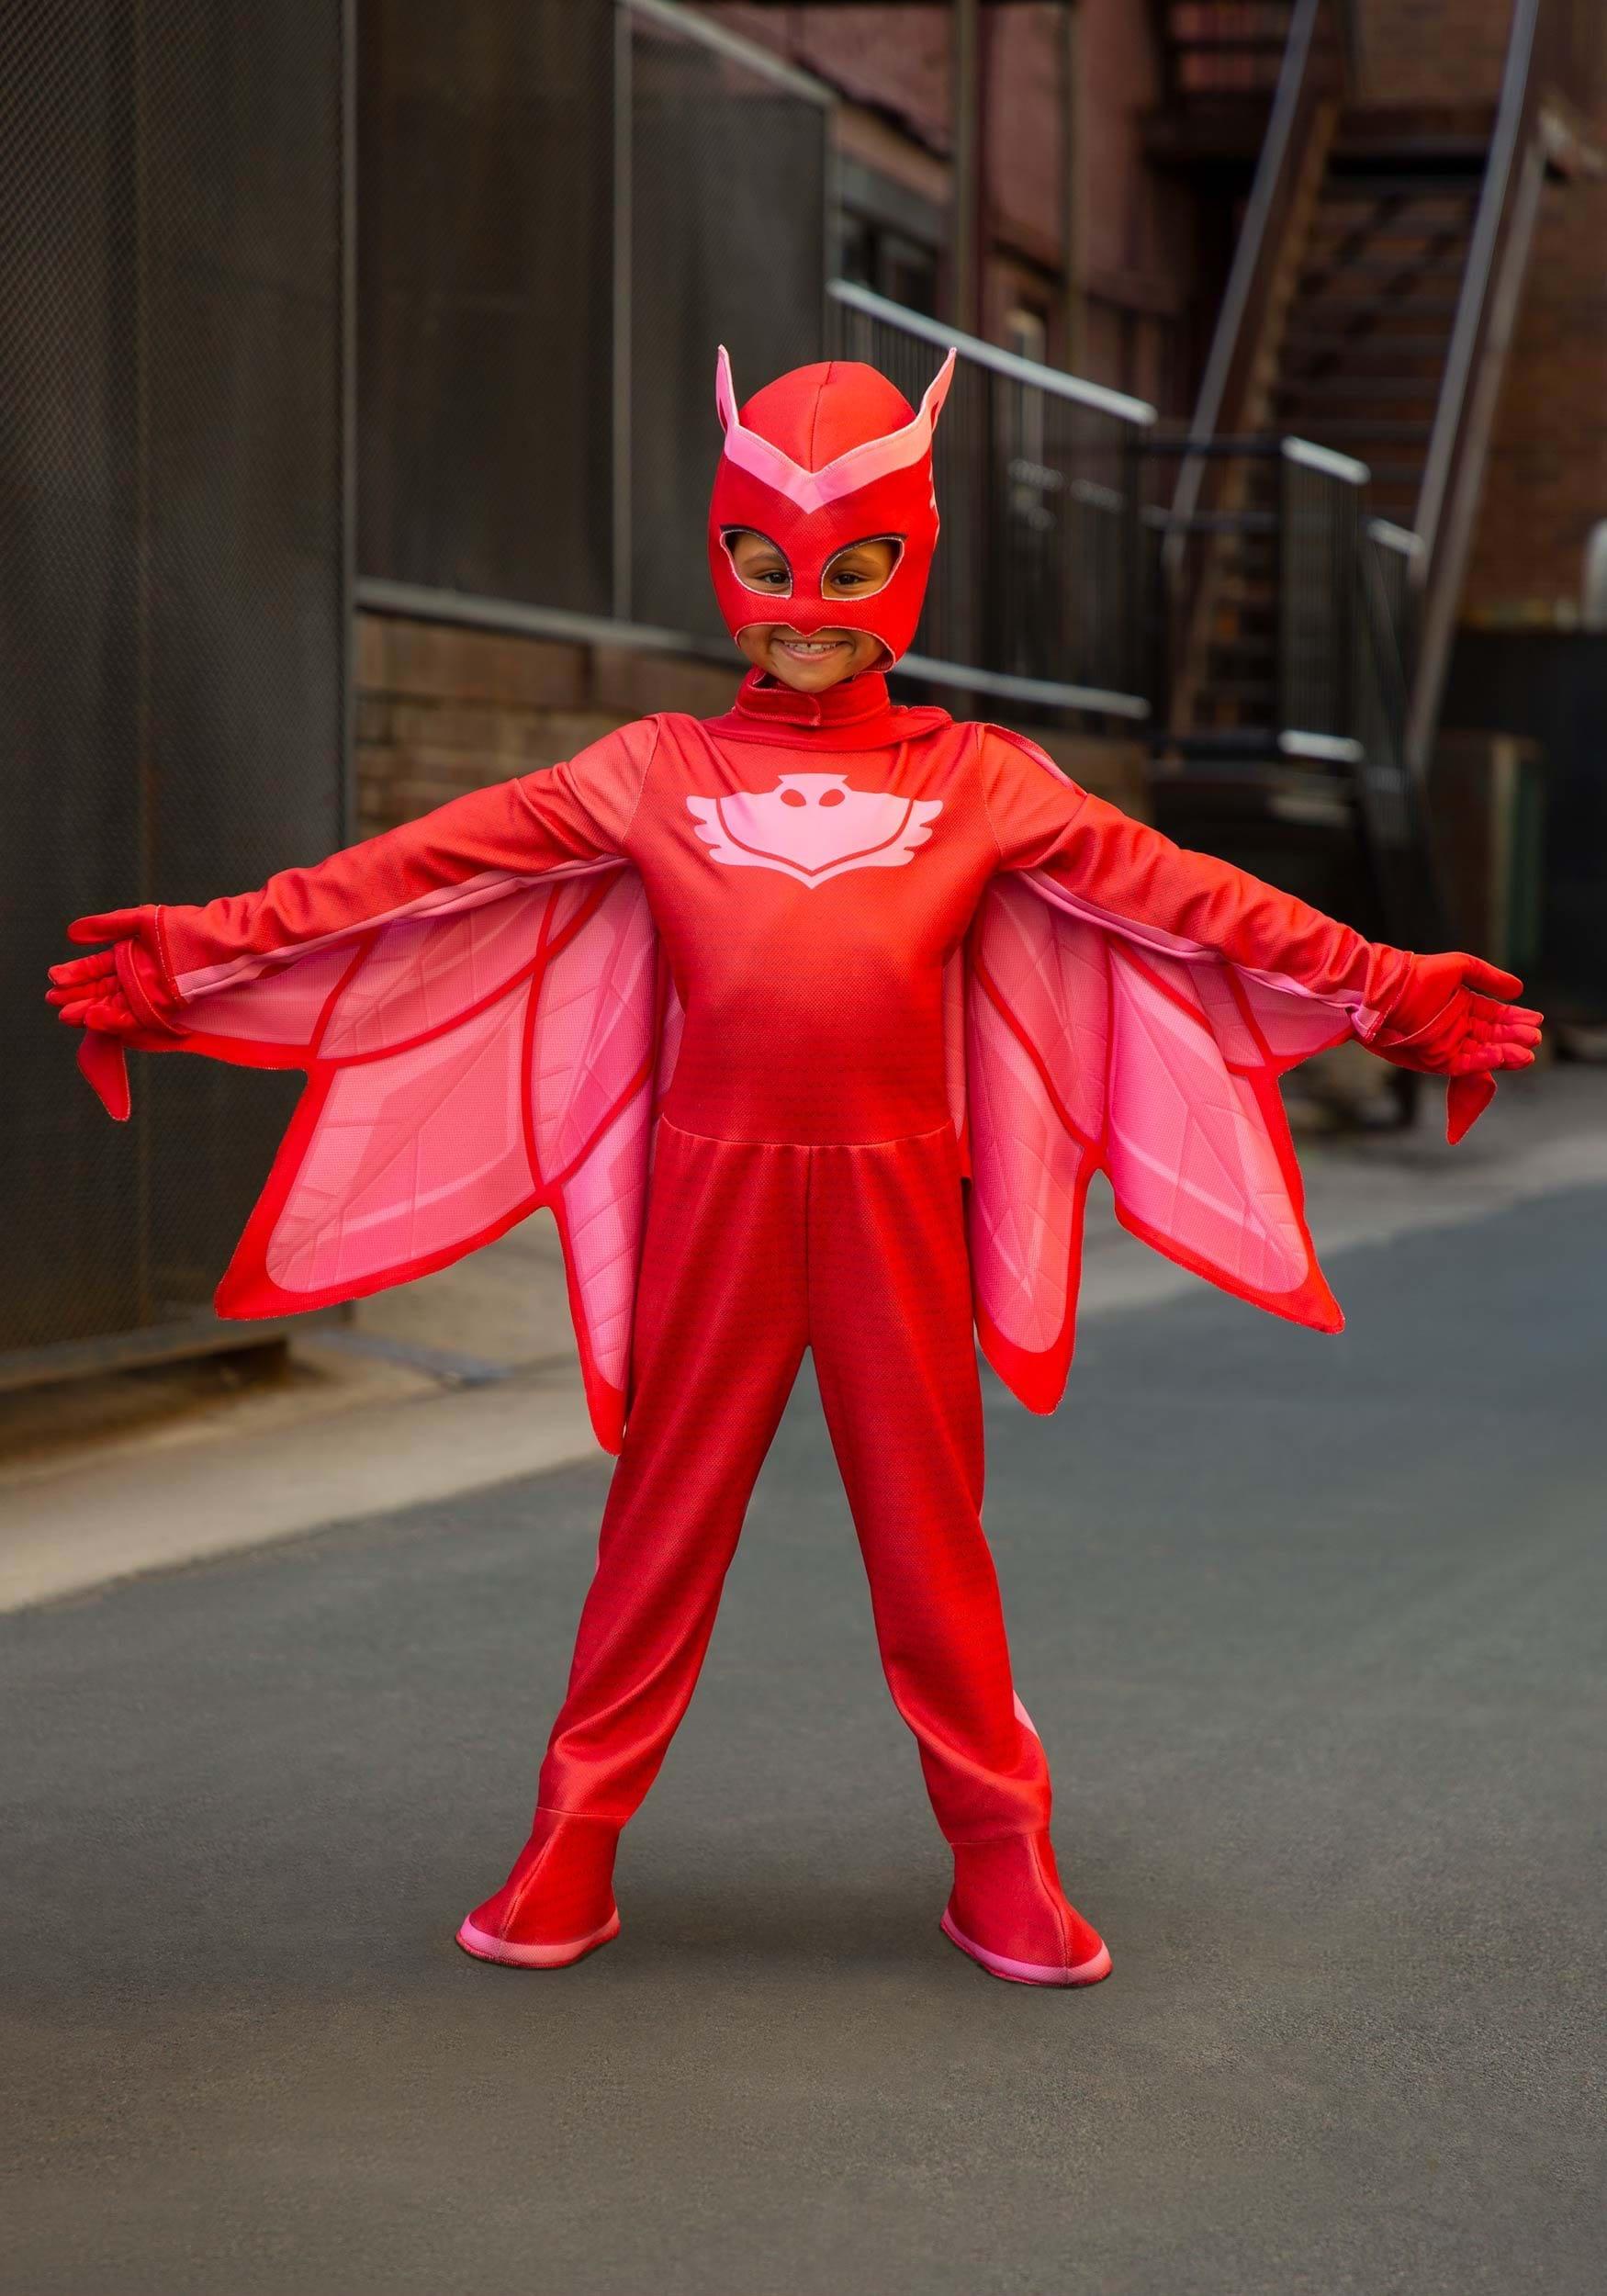 PJ Masks Deluxe Owlette Costume for Girls